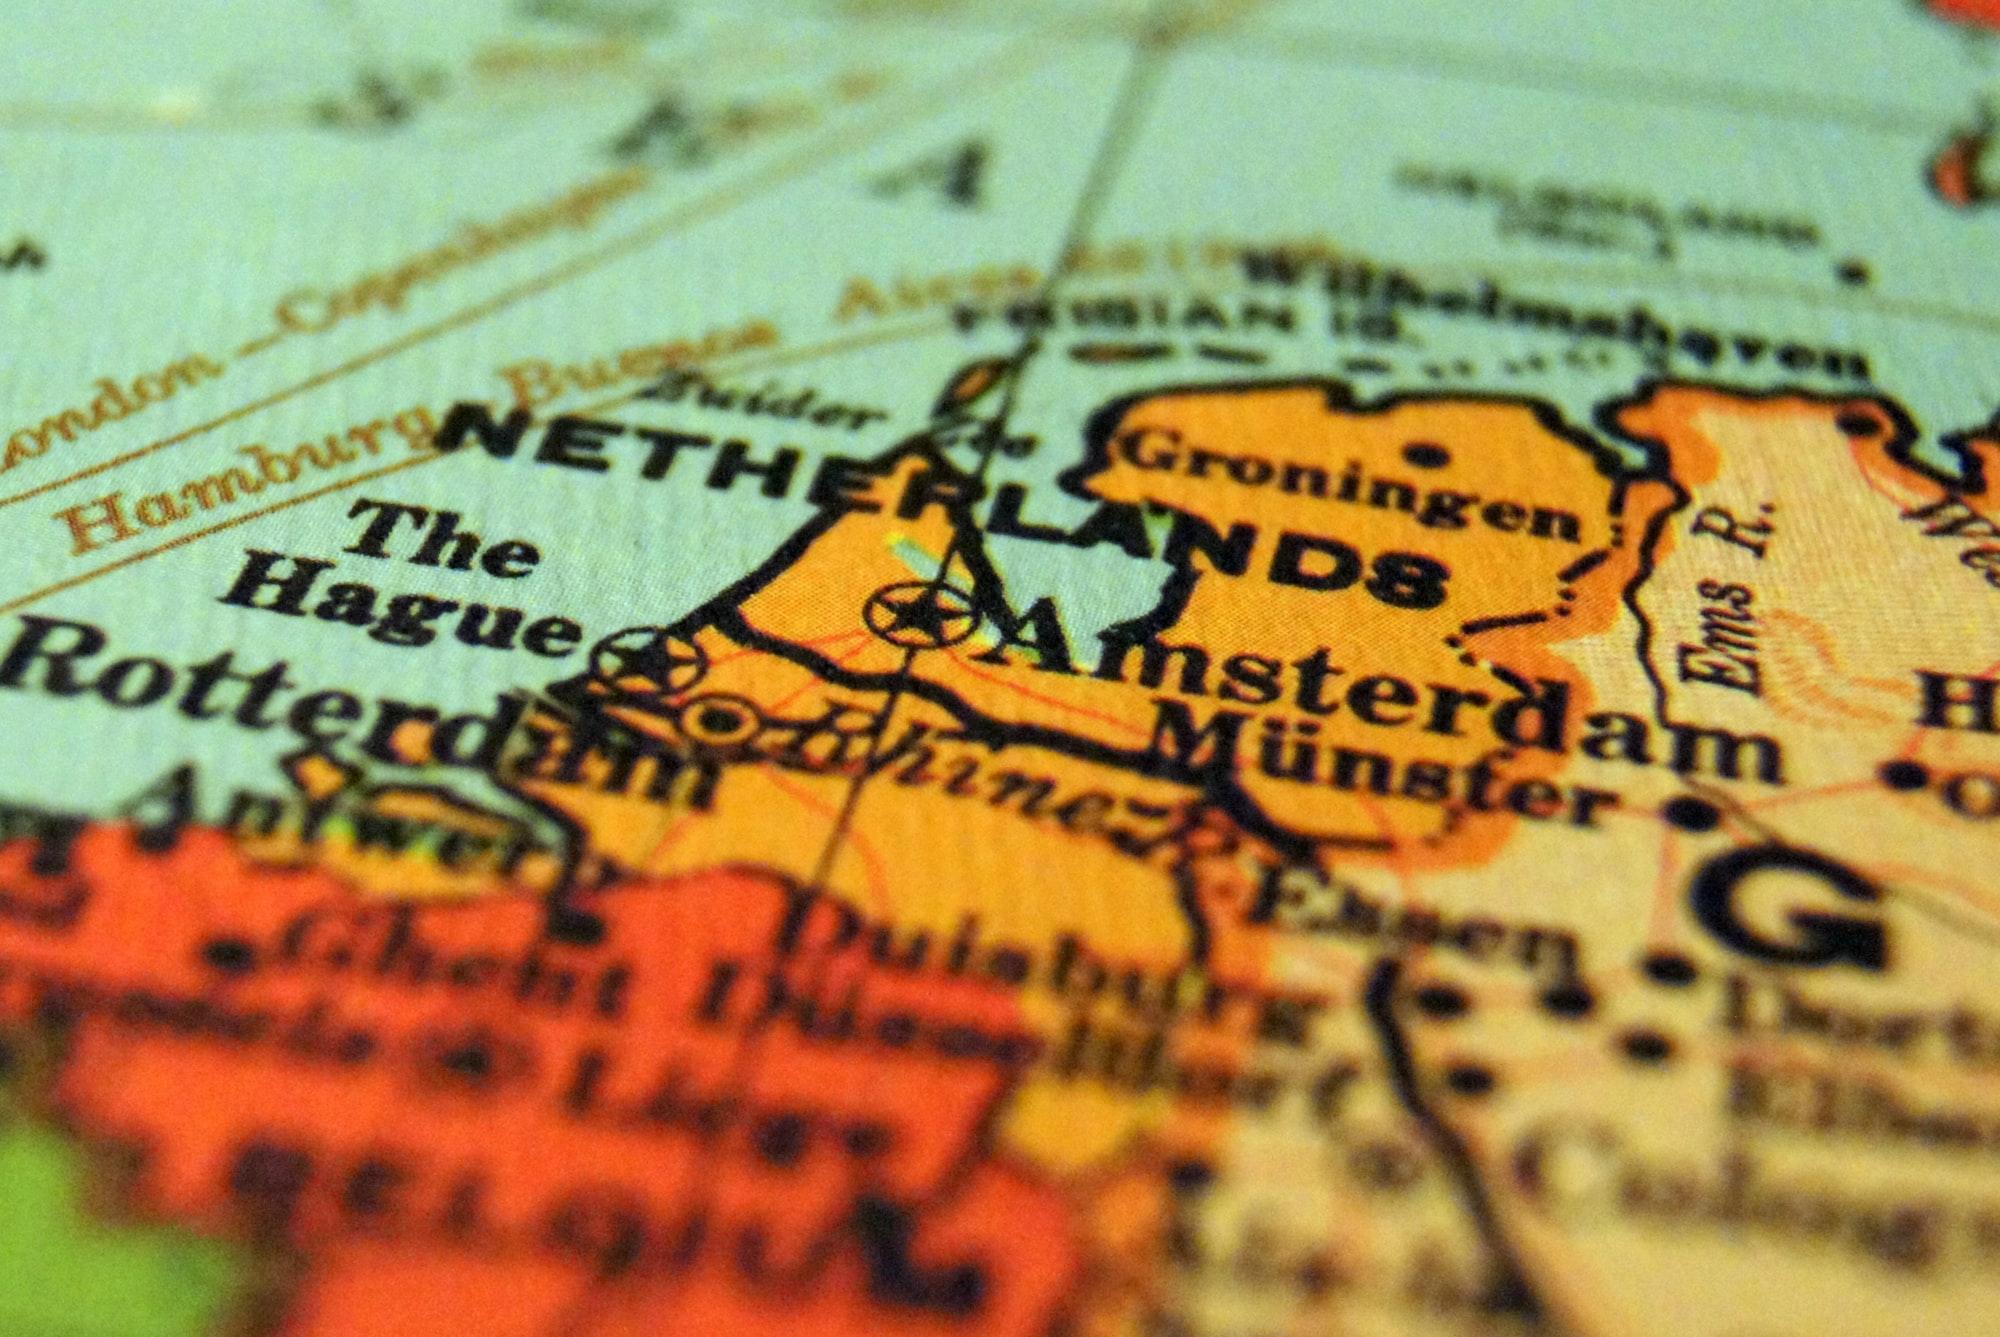 เนเธอร์แลนด์มีผู้ให้บริการ Crypto ที่ถูกกฎหมายรายแรกแล้ว